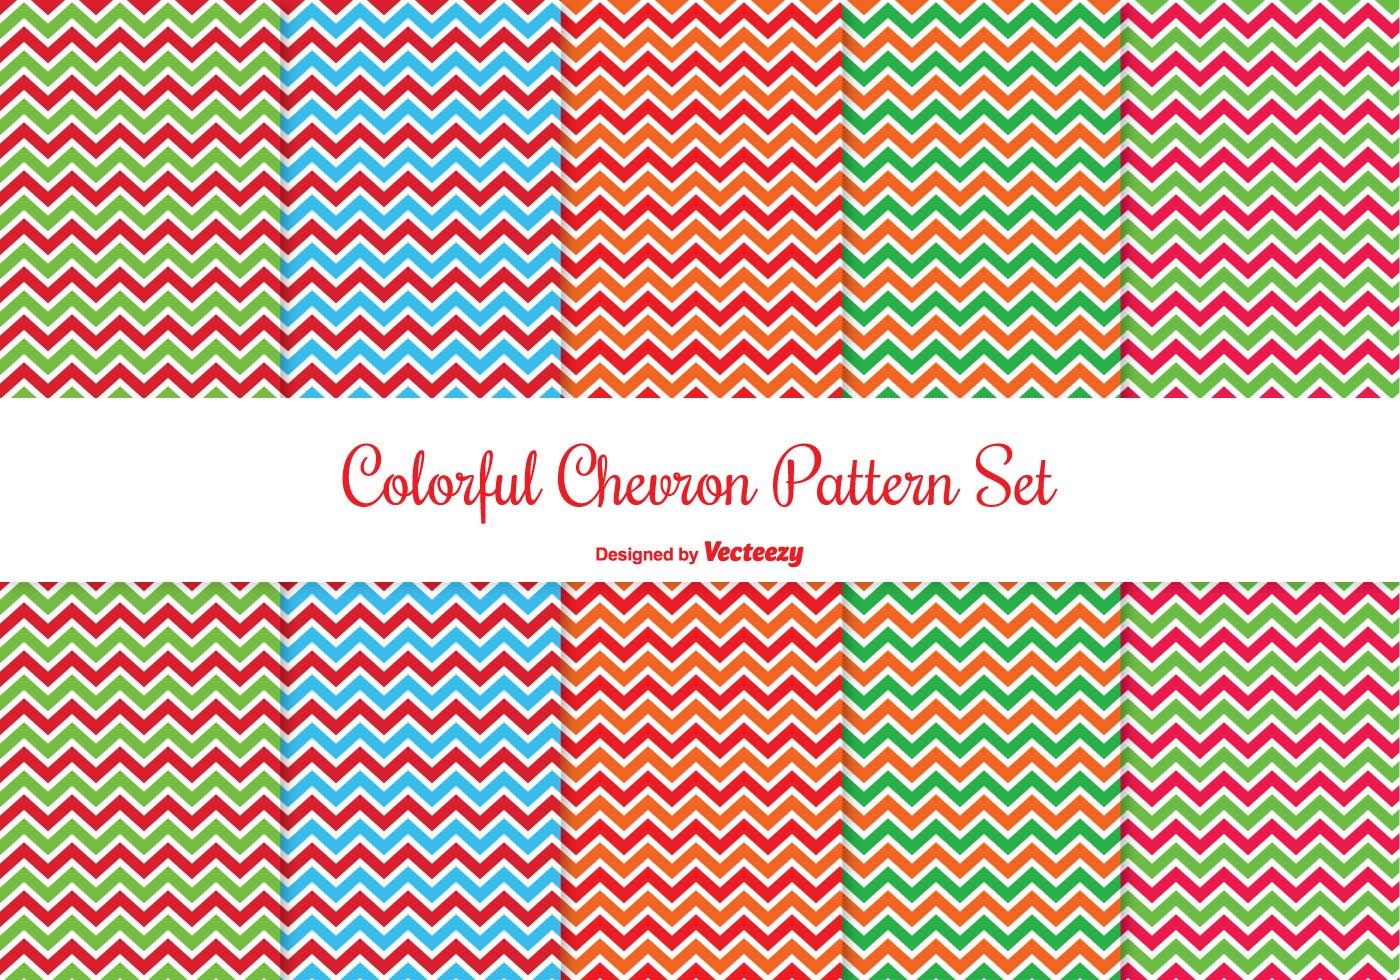 colorful chevron pattern set